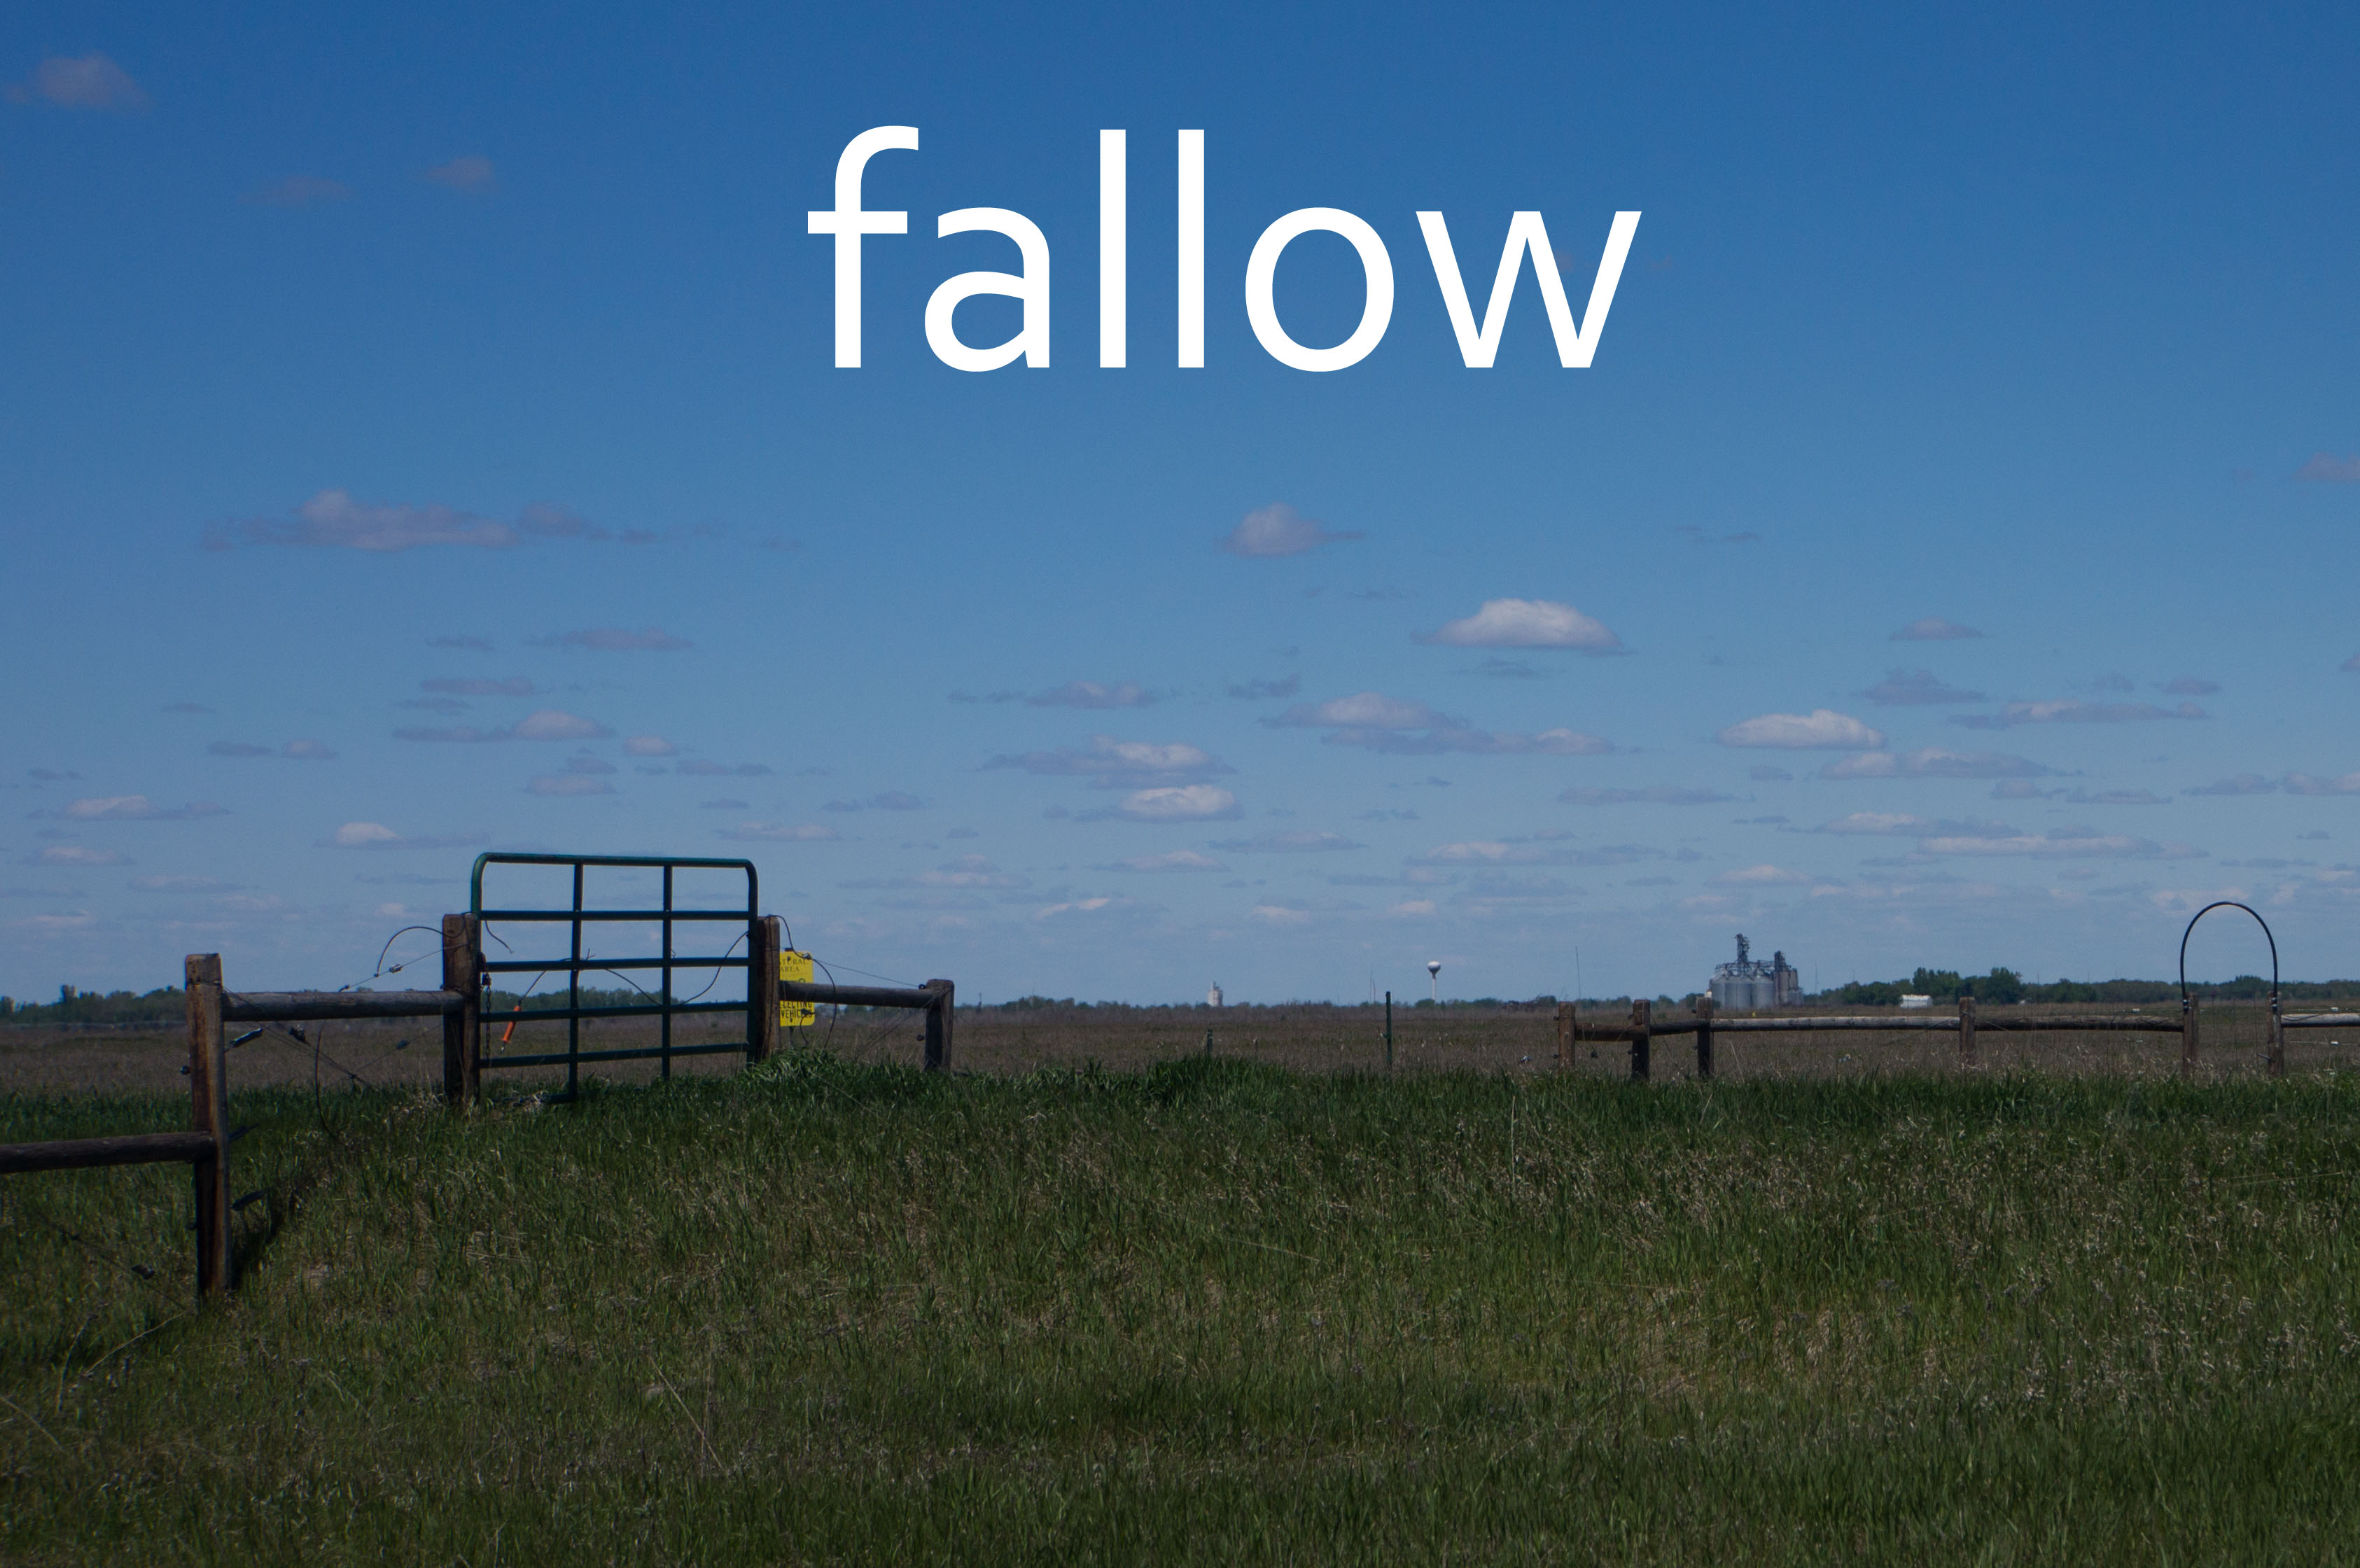 Fallow-2-fallow-20160720